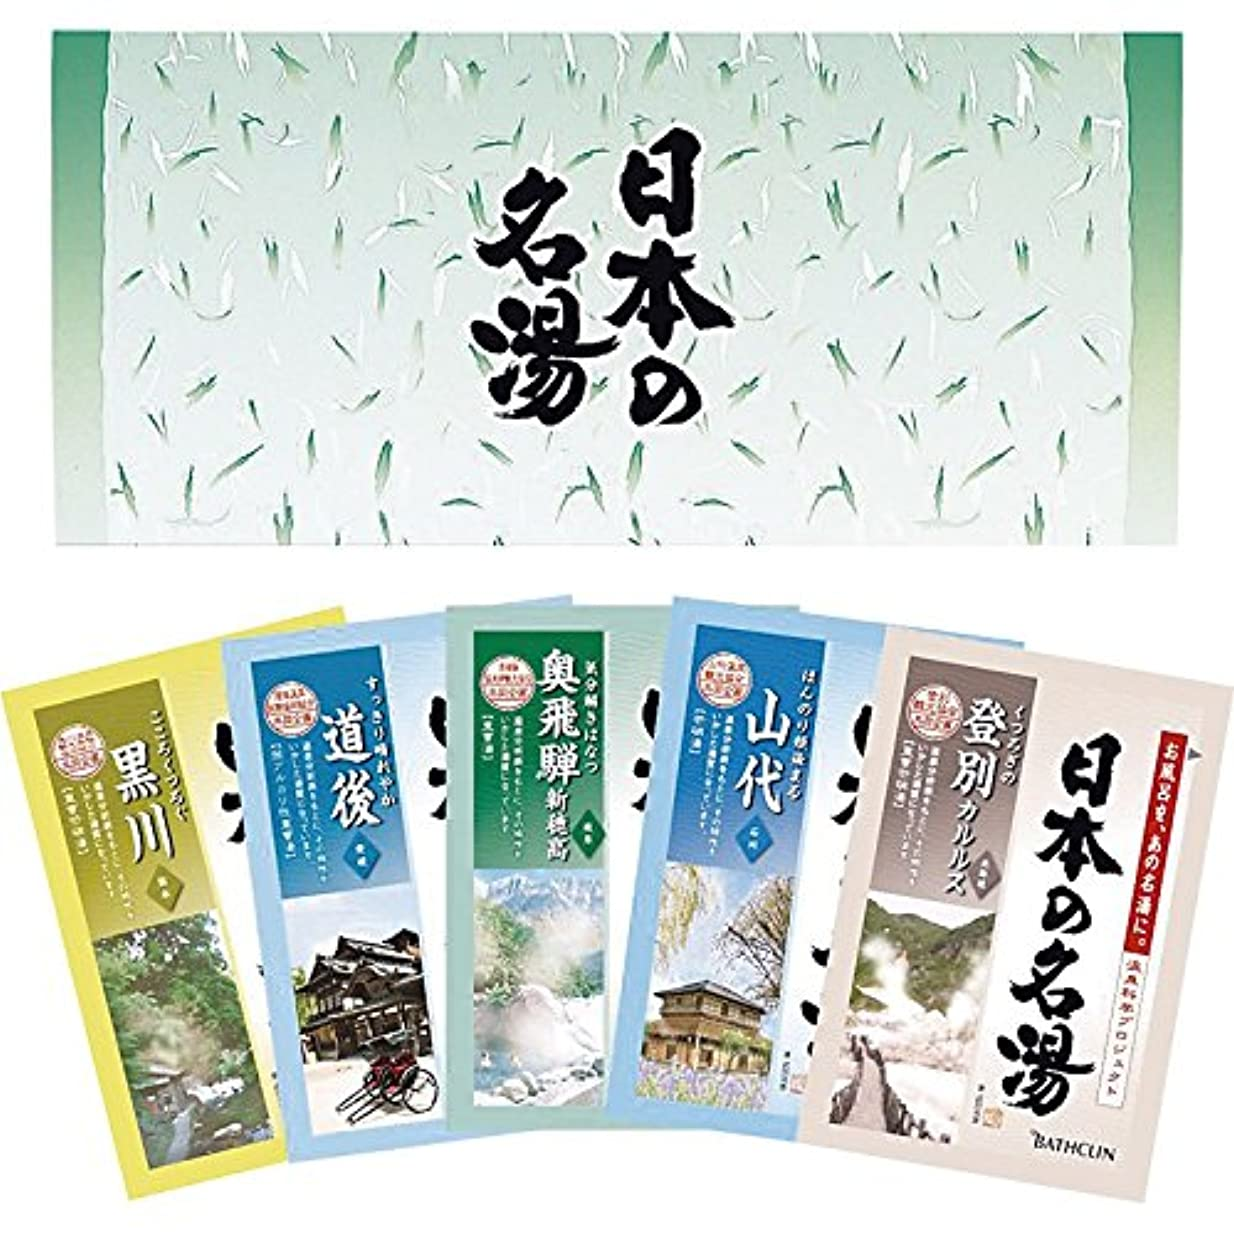 フクロウバトルブルームバスクリン 日本の名湯 5包セット OT-3D 【洗面所 入浴剤 温泉 薬用 5袋 リラックス おふろ バスグッズ】